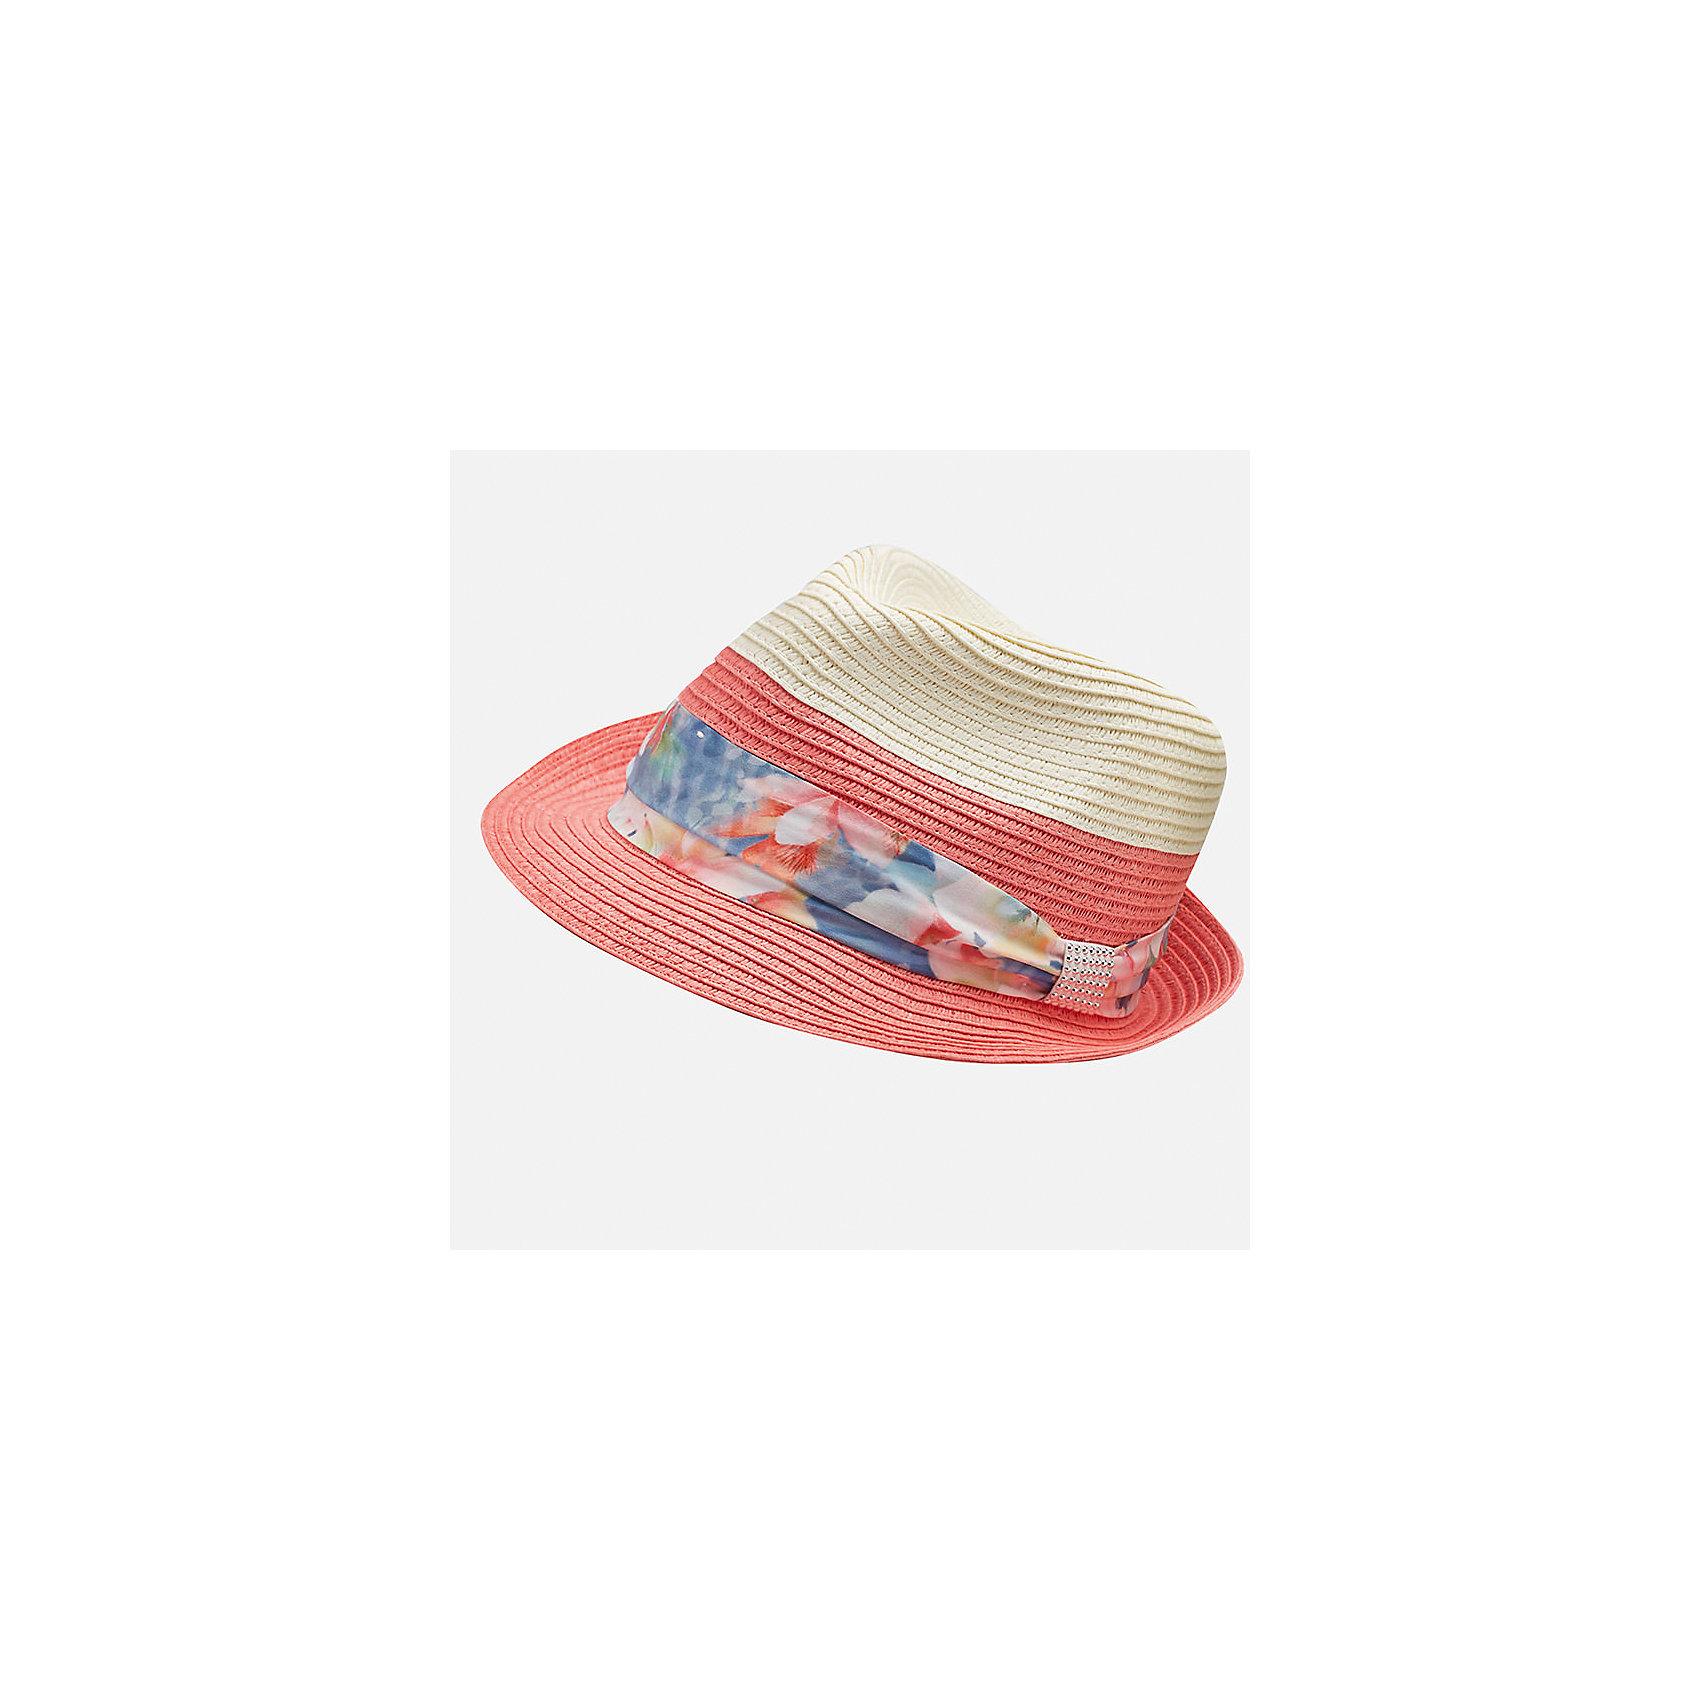 Шляпа для девочки MayoralГоловные уборы<br>Характеристики товара:<br><br>• цвет: оранжевый/белый<br>• состав: 100% бумага<br>• двуцветная<br>• дышащая фактура<br>• декорирована лентой<br>• страна бренда: Испания<br><br>Красивая легкая шляпа для девочки поможет обеспечить ребенку защиту от солнца и дополнить наряд. Универсальный цвет позволяет надевать её под наряды различных расцветок. Шляпа удобно сидит и красиво смотрится. <br><br>Одежда, обувь и аксессуары от испанского бренда Mayoral полюбились детям и взрослым по всему миру. Модели этой марки - стильные и удобные. Для их производства используются только безопасные, качественные материалы и фурнитура. Порадуйте ребенка модными и красивыми вещами от Mayoral! <br><br>Шляпу для девочки от испанского бренда Mayoral (Майорал) можно купить в нашем интернет-магазине.<br><br>Ширина мм: 89<br>Глубина мм: 117<br>Высота мм: 44<br>Вес г: 155<br>Цвет: розовый<br>Возраст от месяцев: 72<br>Возраст до месяцев: 84<br>Пол: Женский<br>Возраст: Детский<br>Размер: 54,58,56<br>SKU: 5293566